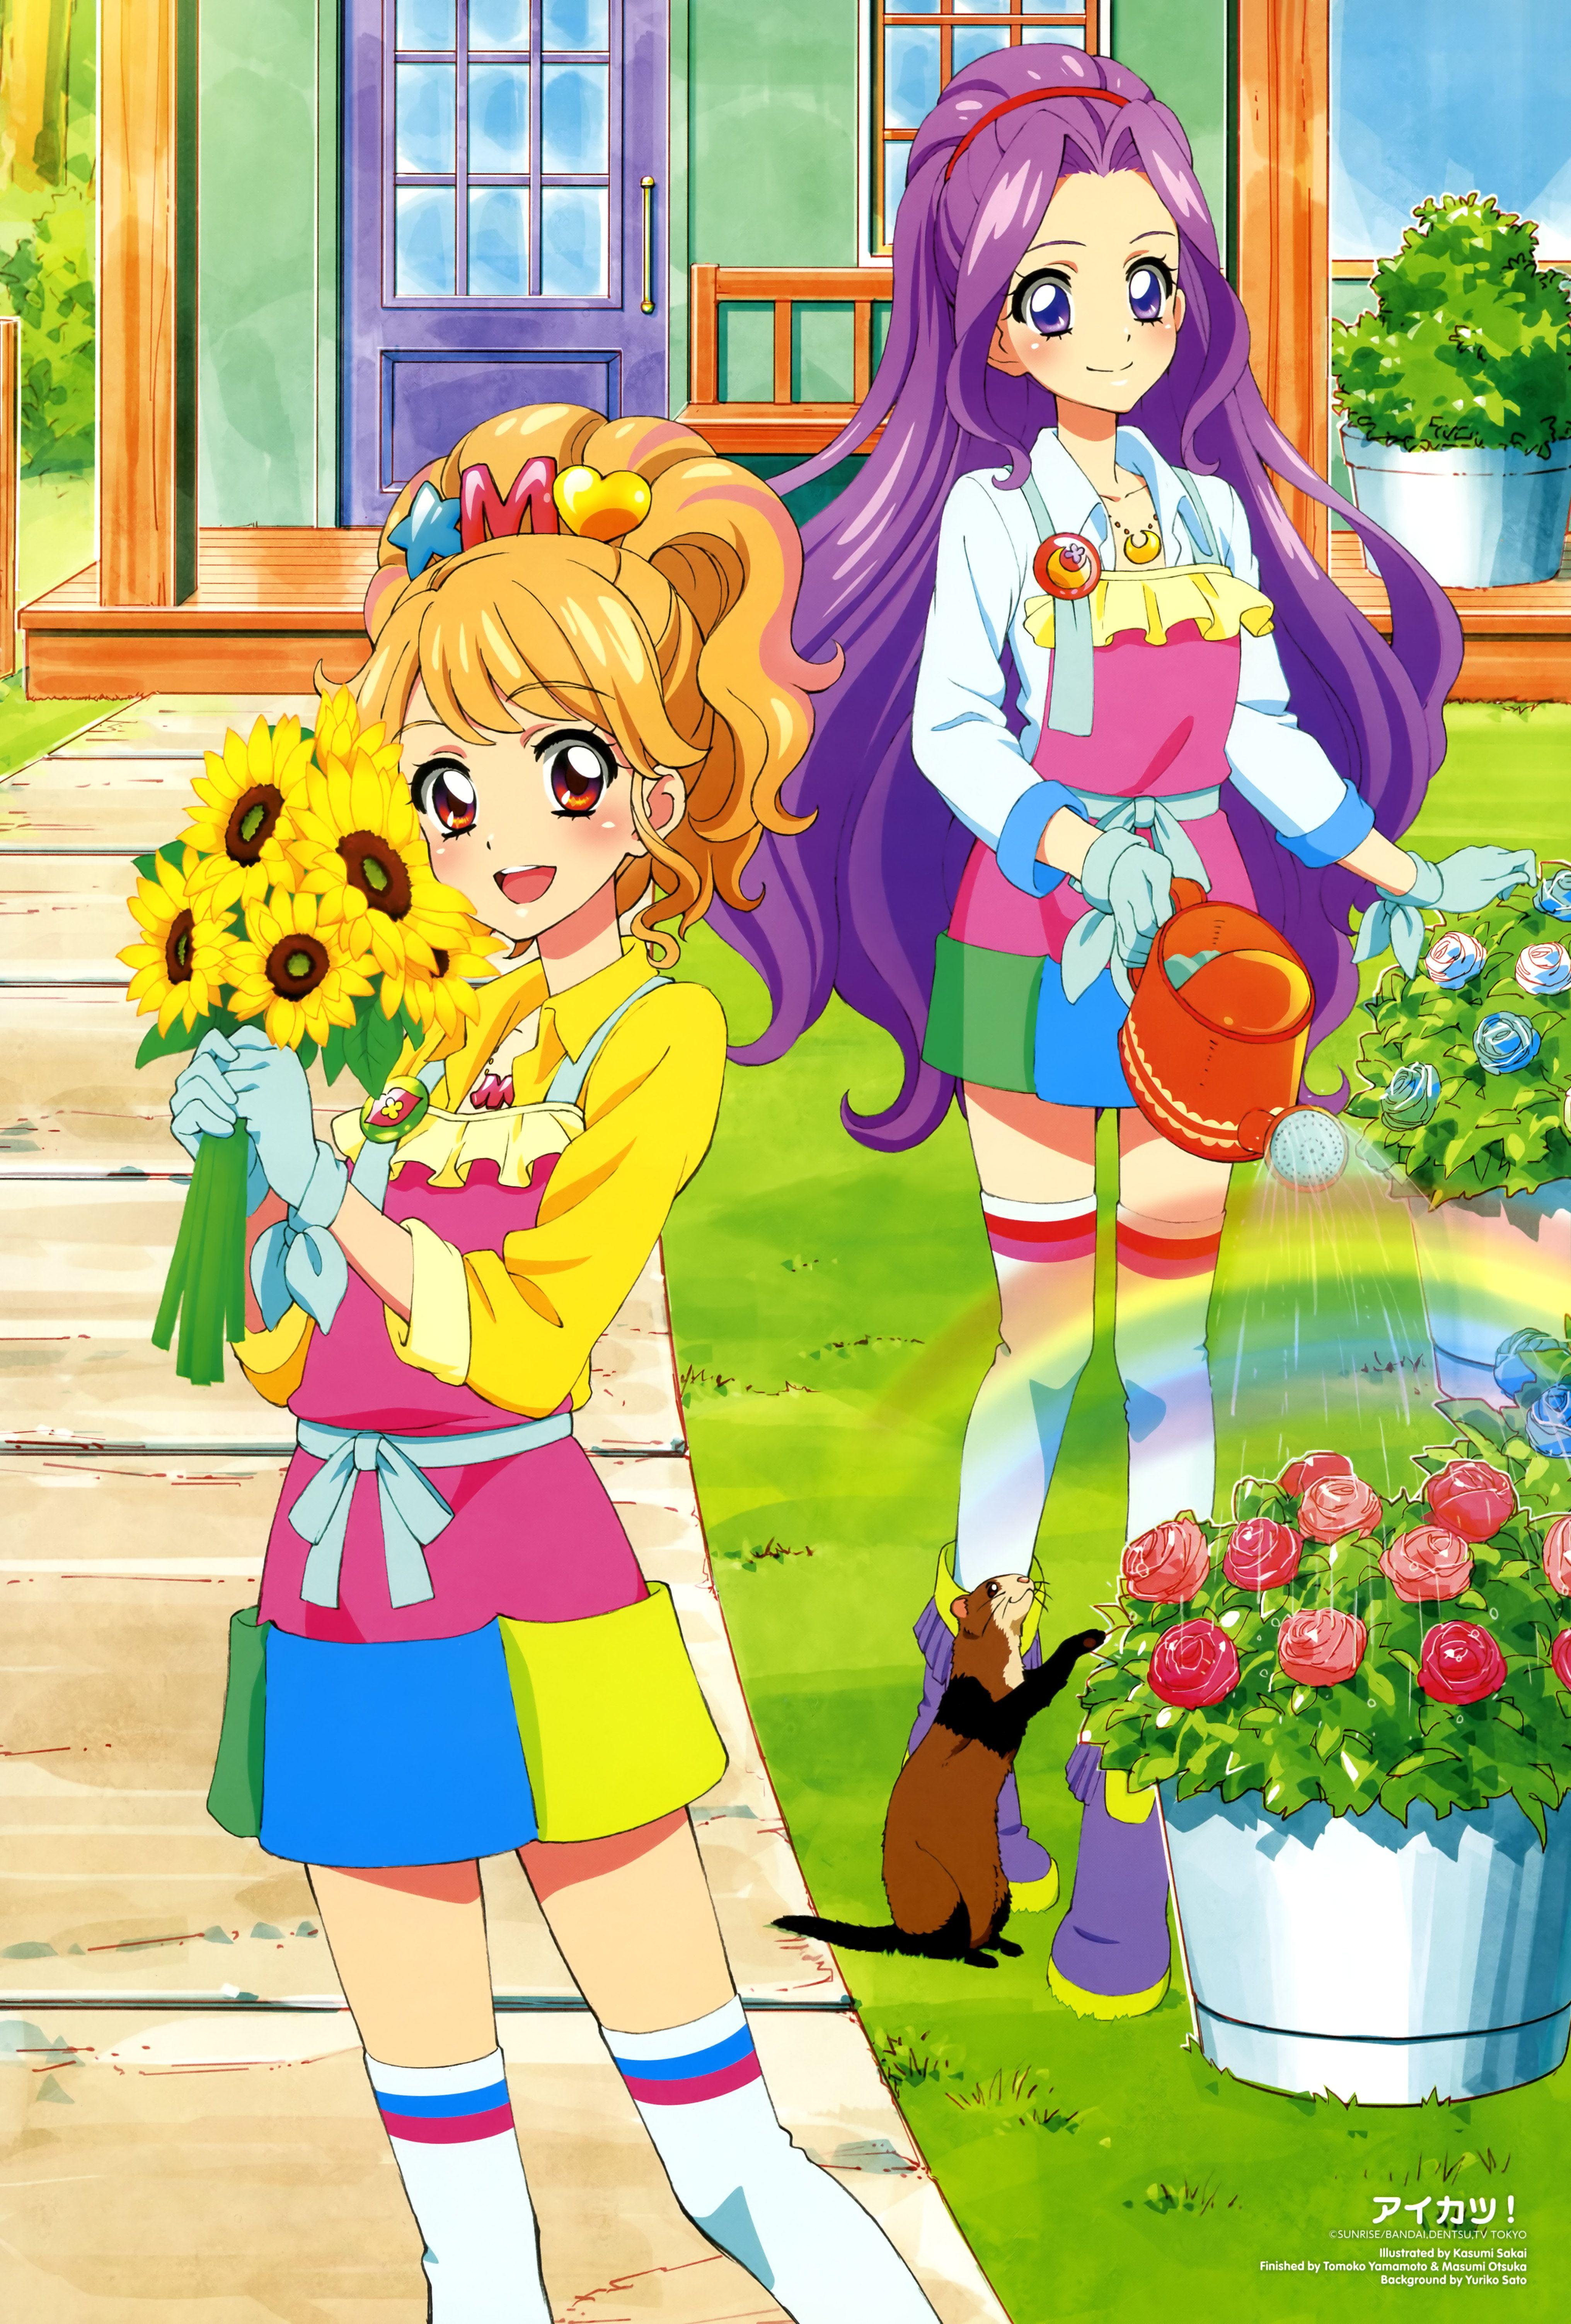 Aikatsu! Ichigo and Akari | Aikatsu! | Pinterest | Anime, Anime ...